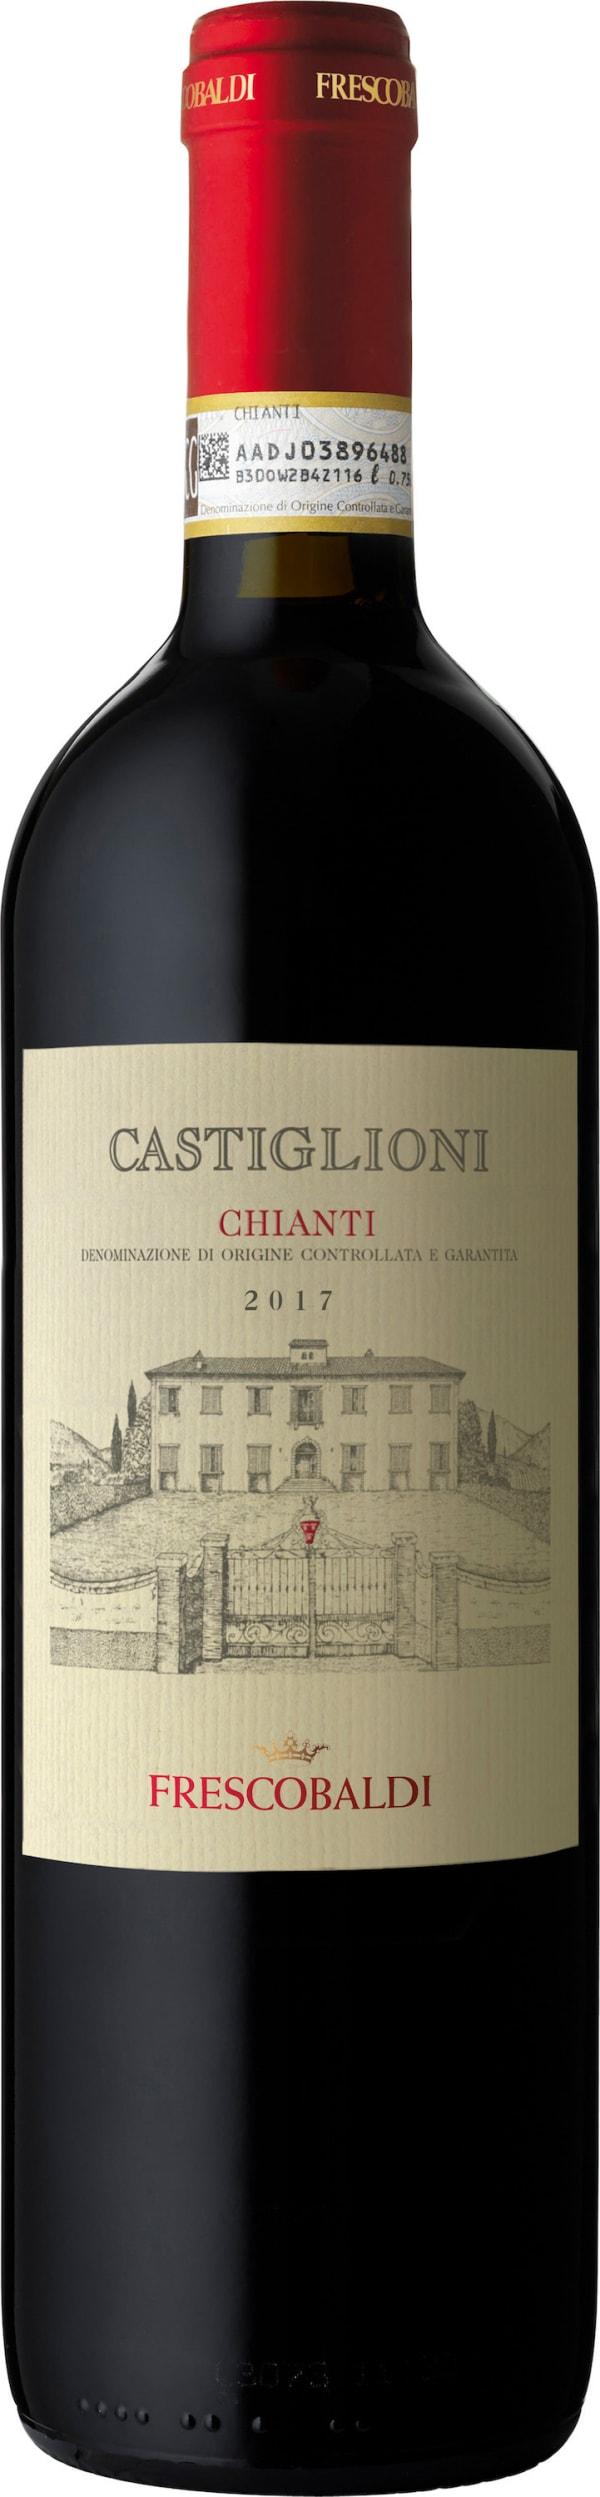 Castiglioni Chianti 2015